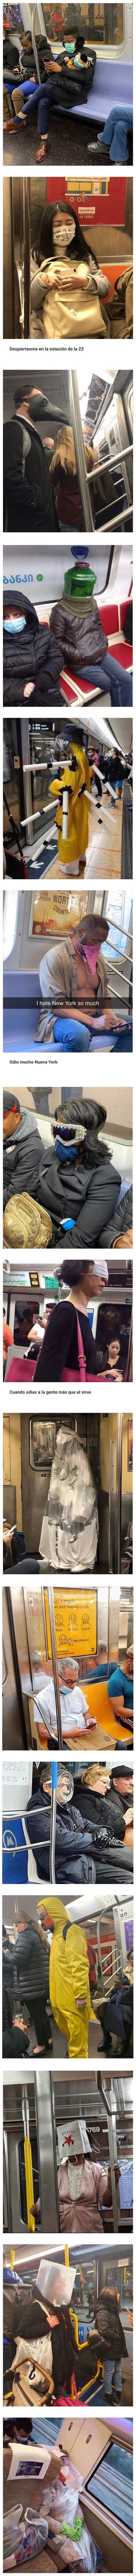 20267 - Las mascarillas anticoronavirus más ridículas vistas en el metro